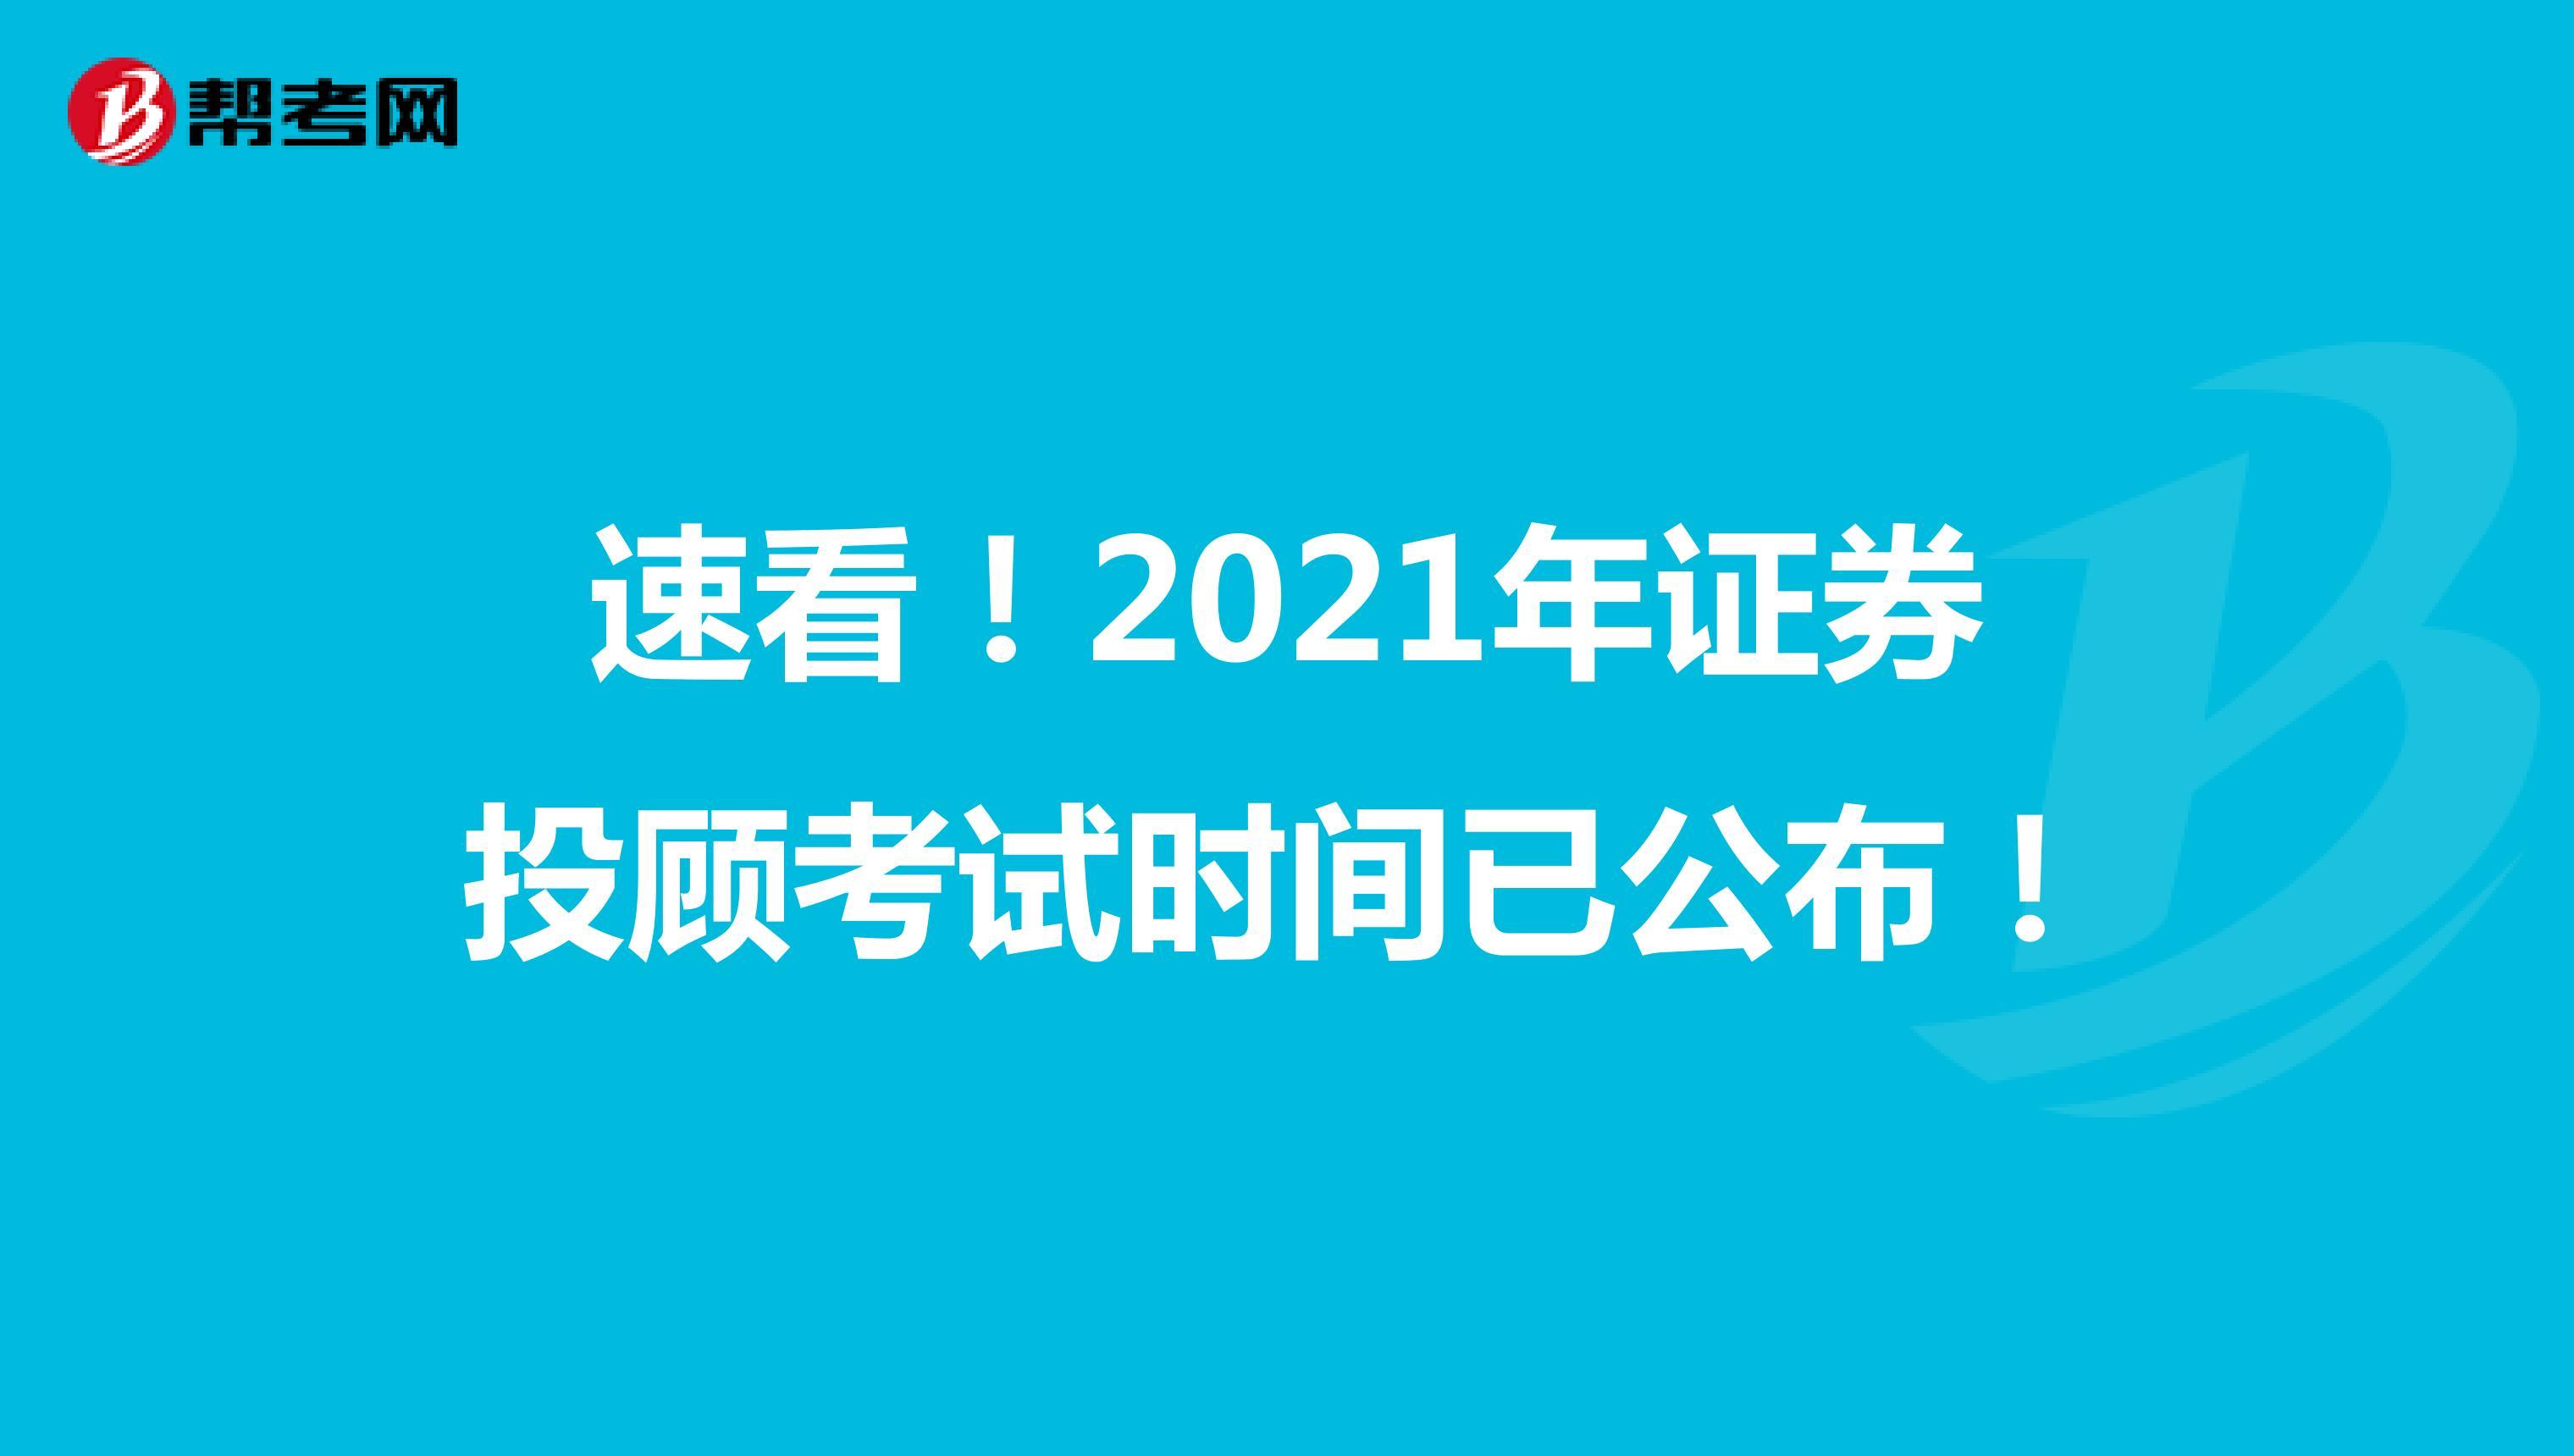 速看!2021年证券投顾考试时间已公布!